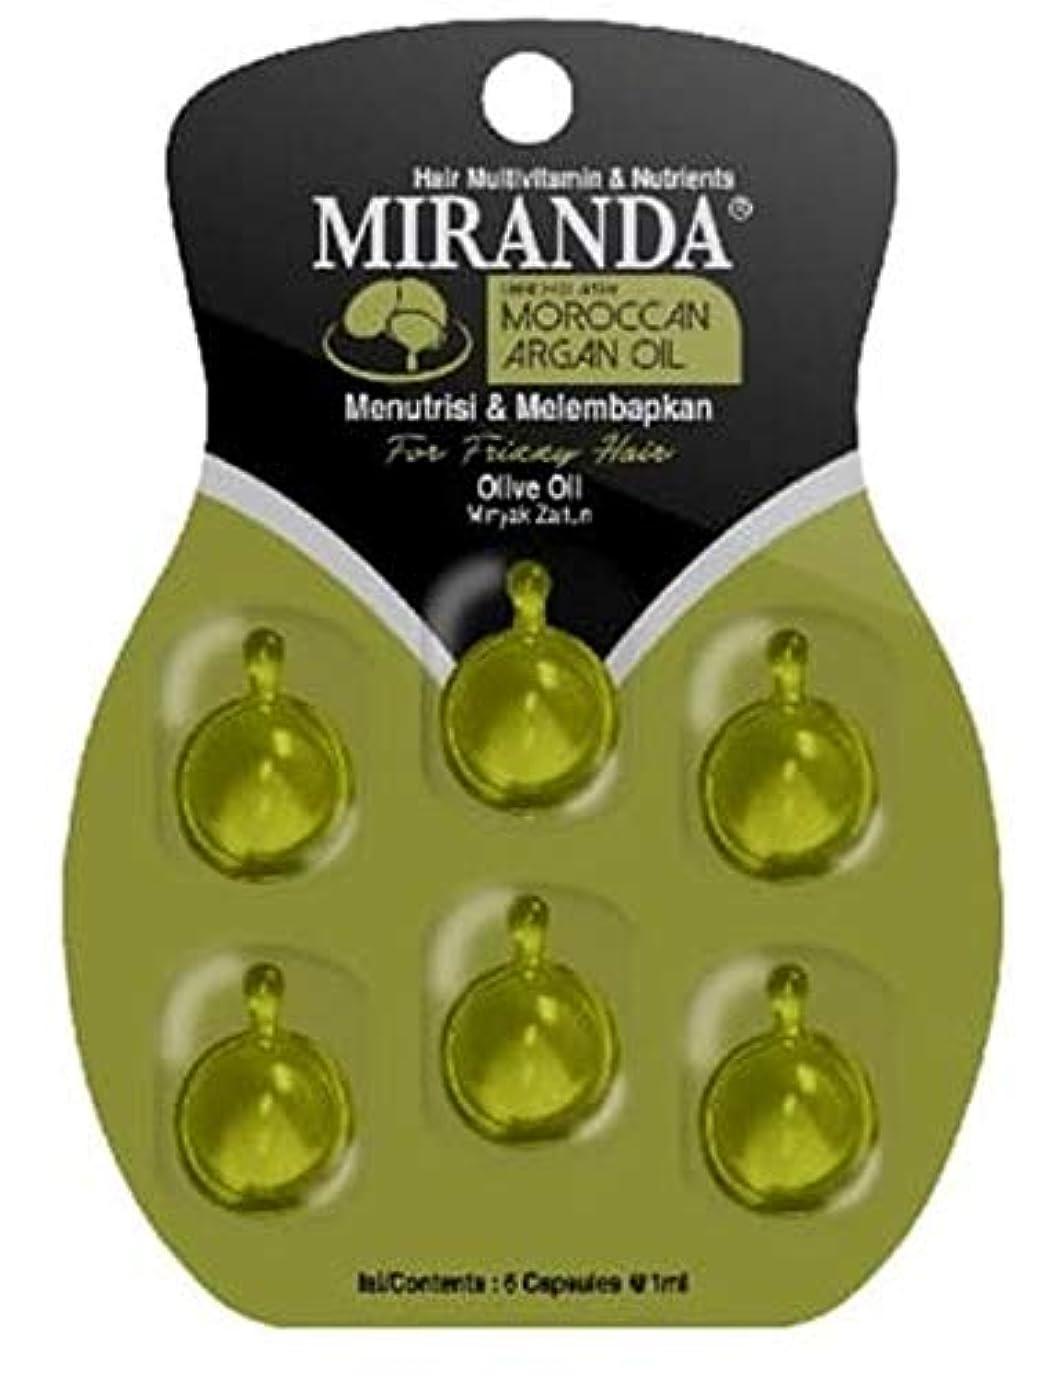 サーバ空気謝罪するMIRANDA Hair Vitamin Oil ミランダ ヘアビタミン モロッカン アルガンオイル 6粒入りシート (ダークグリーン)